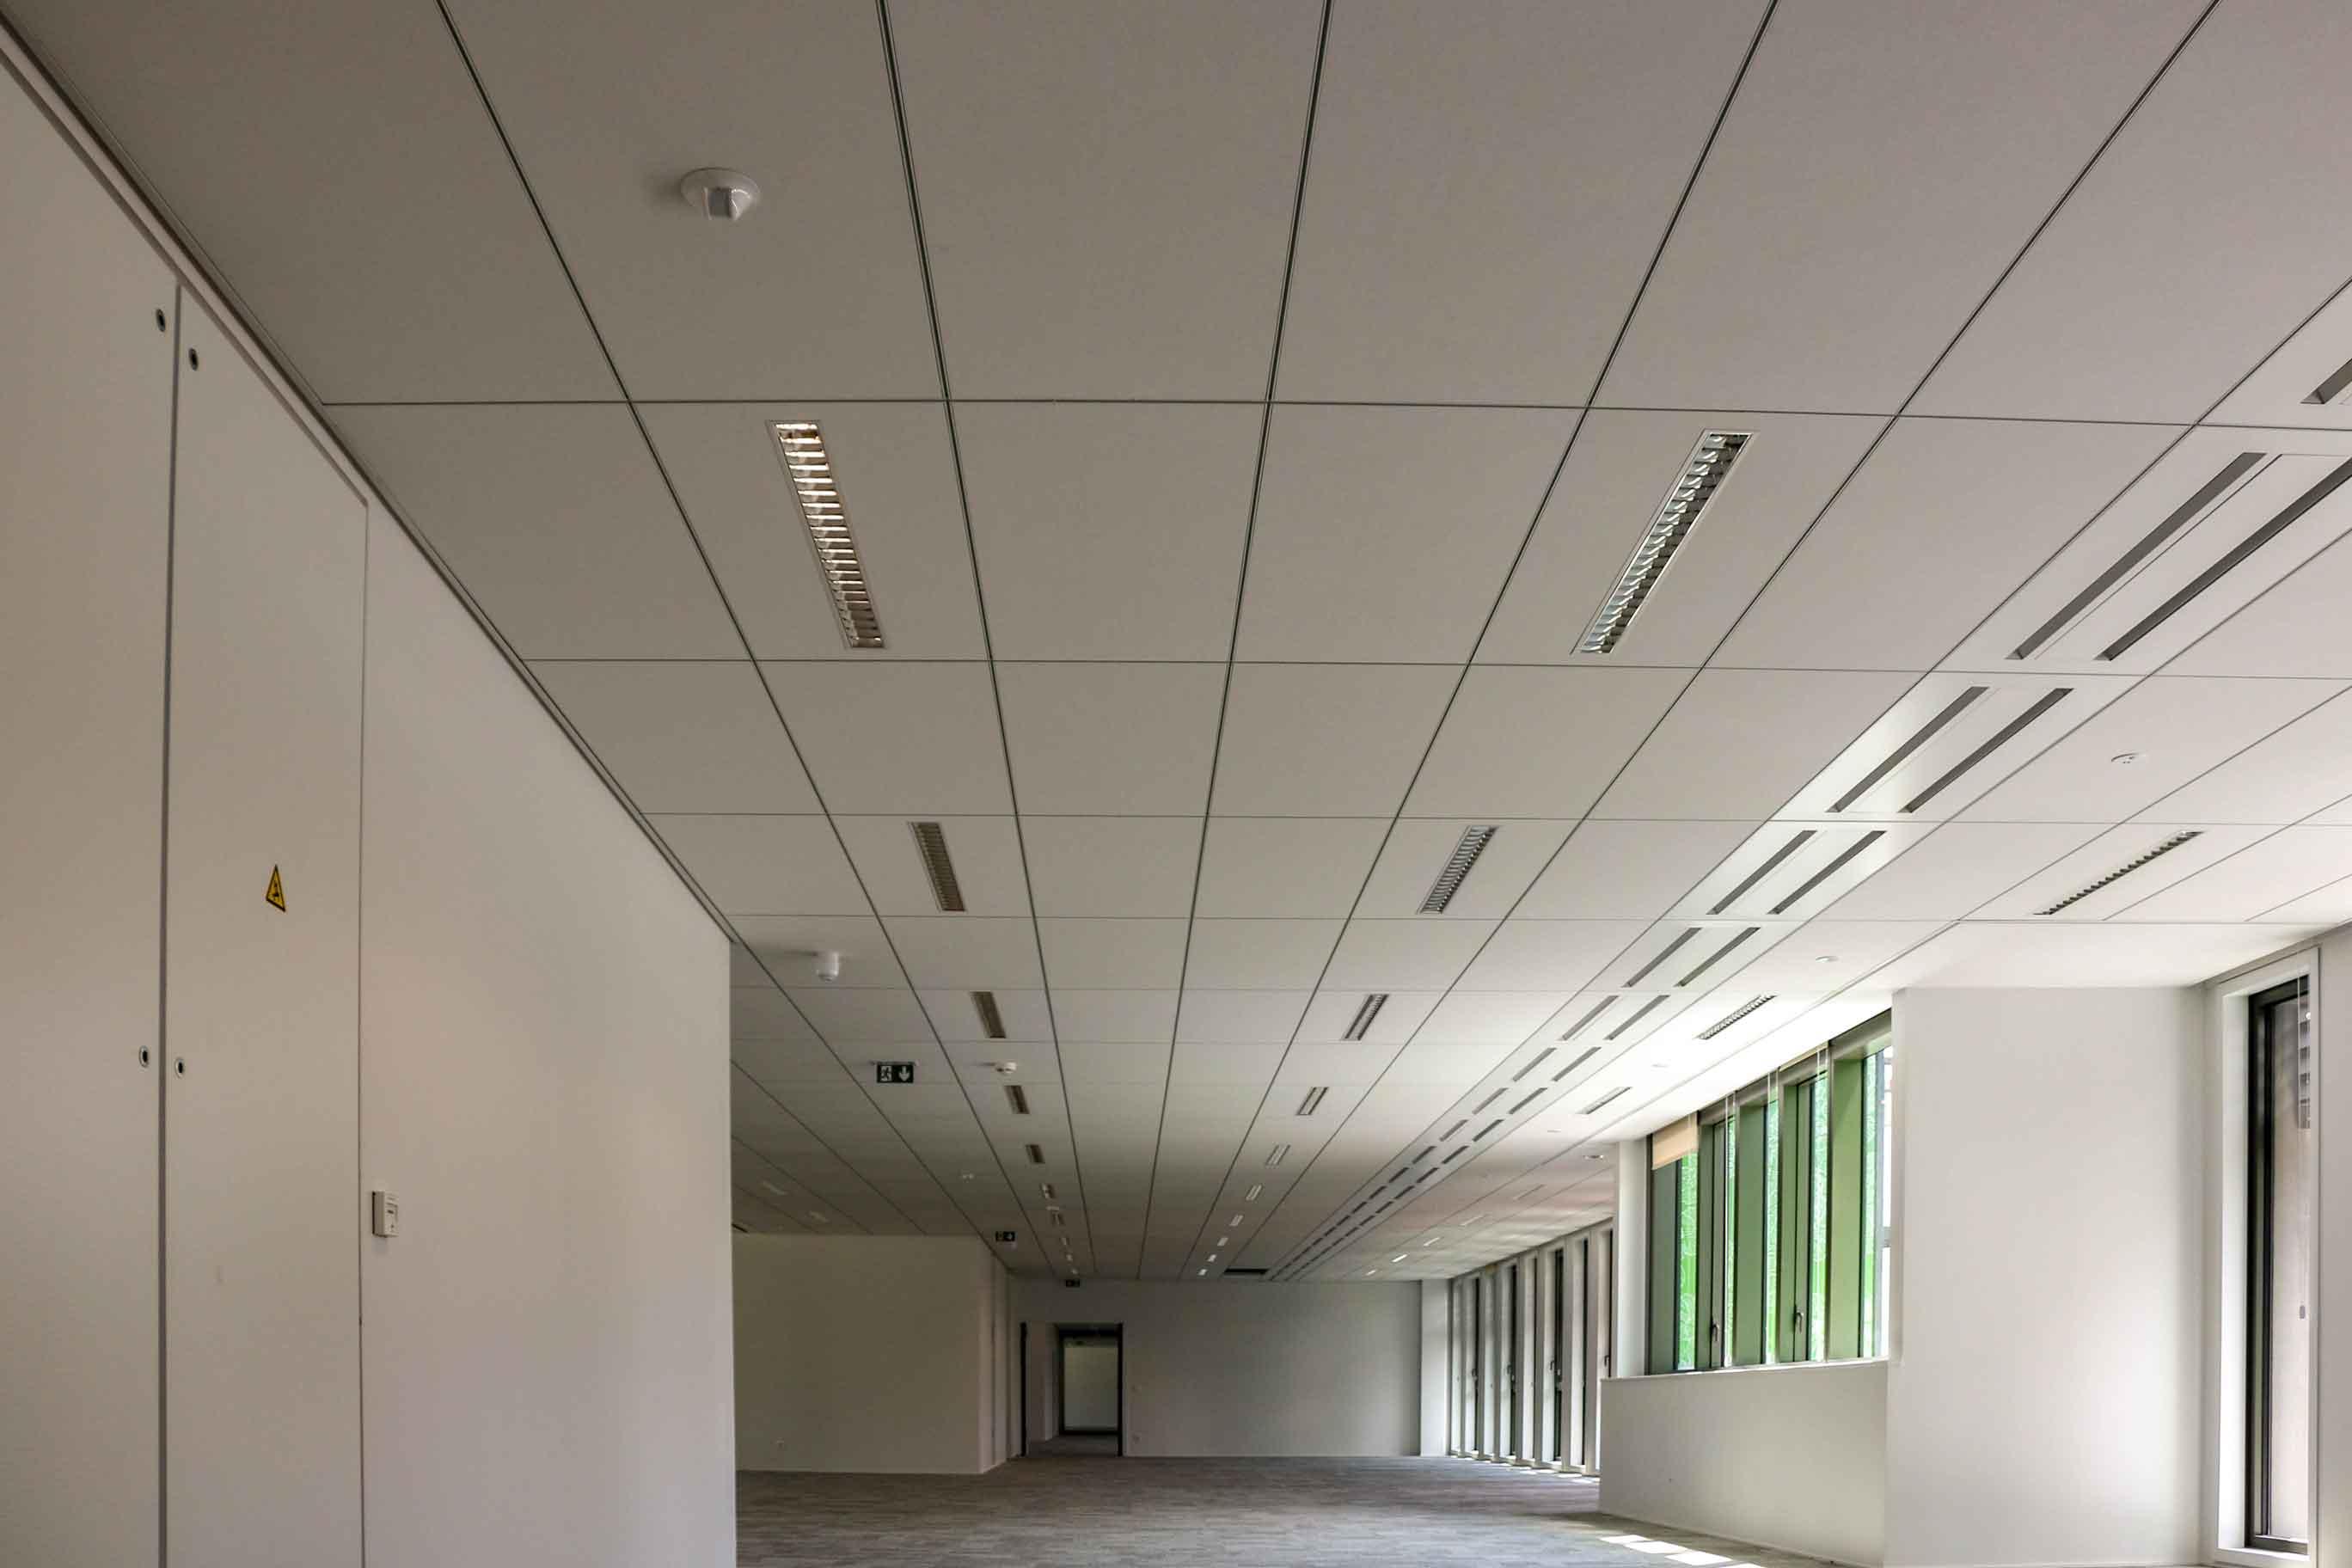 Plafond Fineline Silvae Plafonds Decoratifs Acoustiques Langlois Sobreti Idf 1312